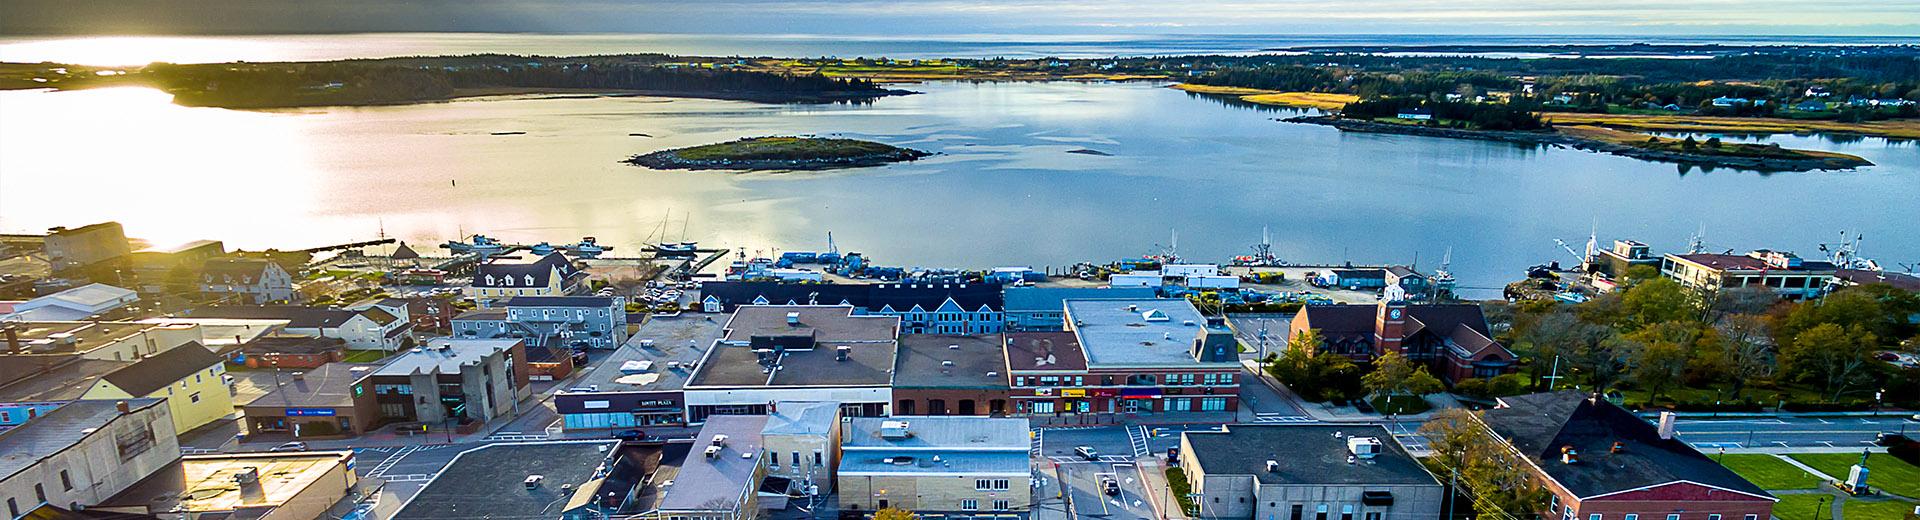 panorama-aerial